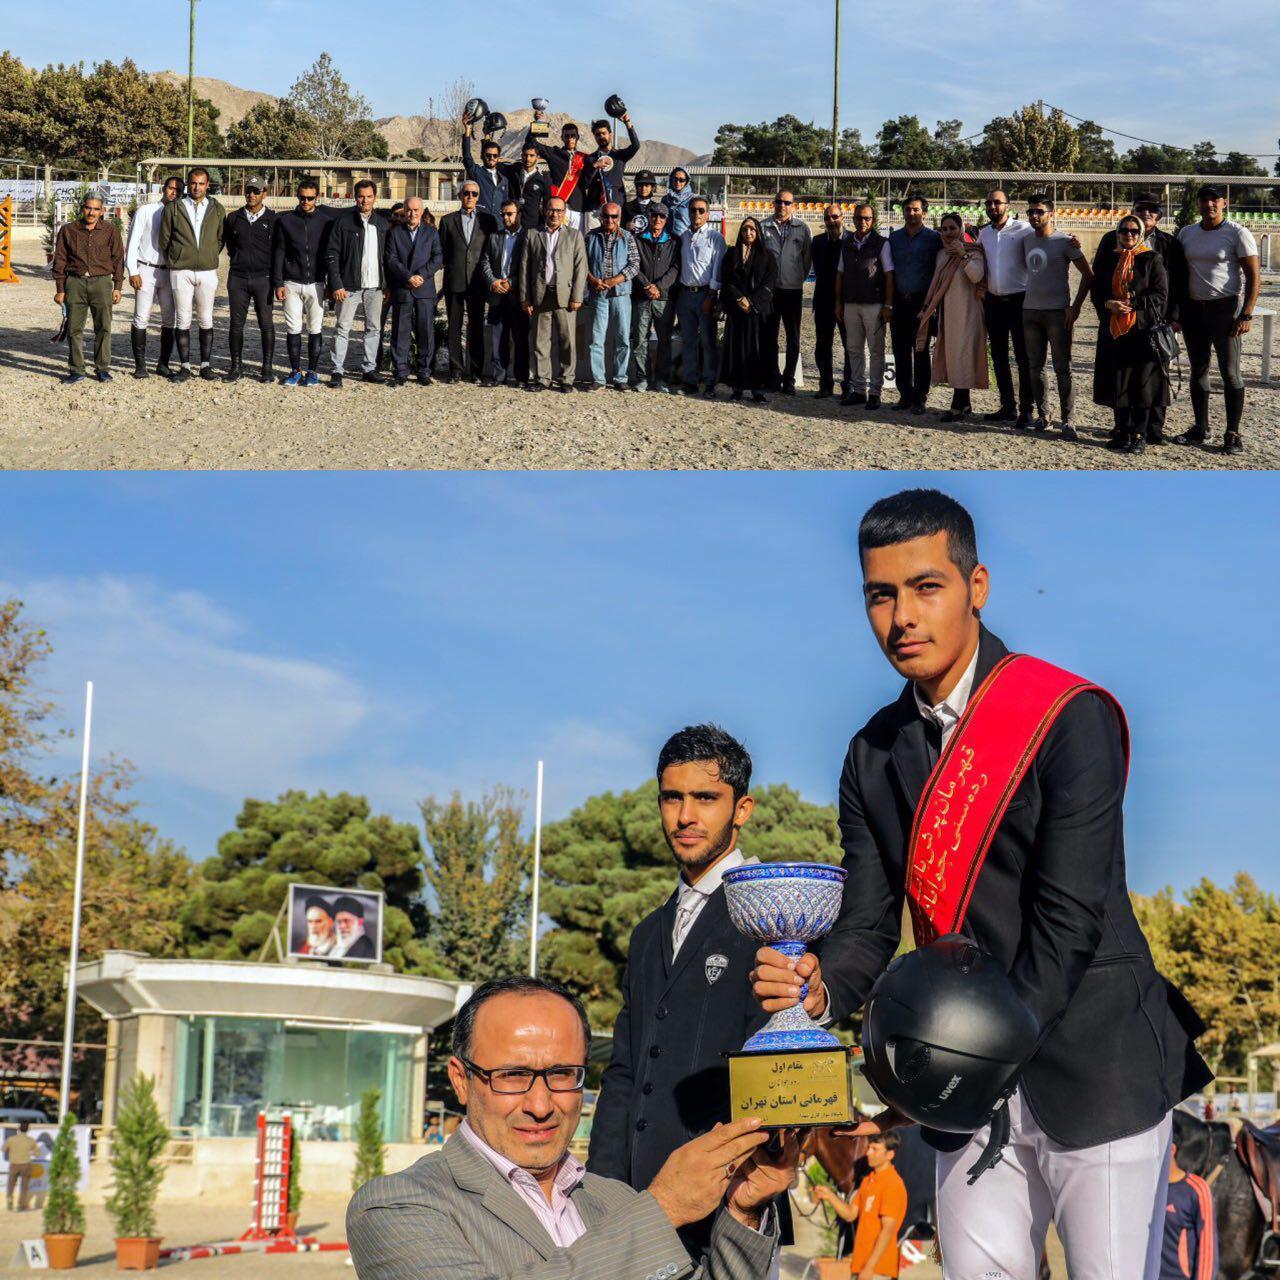 اهدای جوایز نفرات برتر رده جوانان مسابقات قهرمانی استان تهران